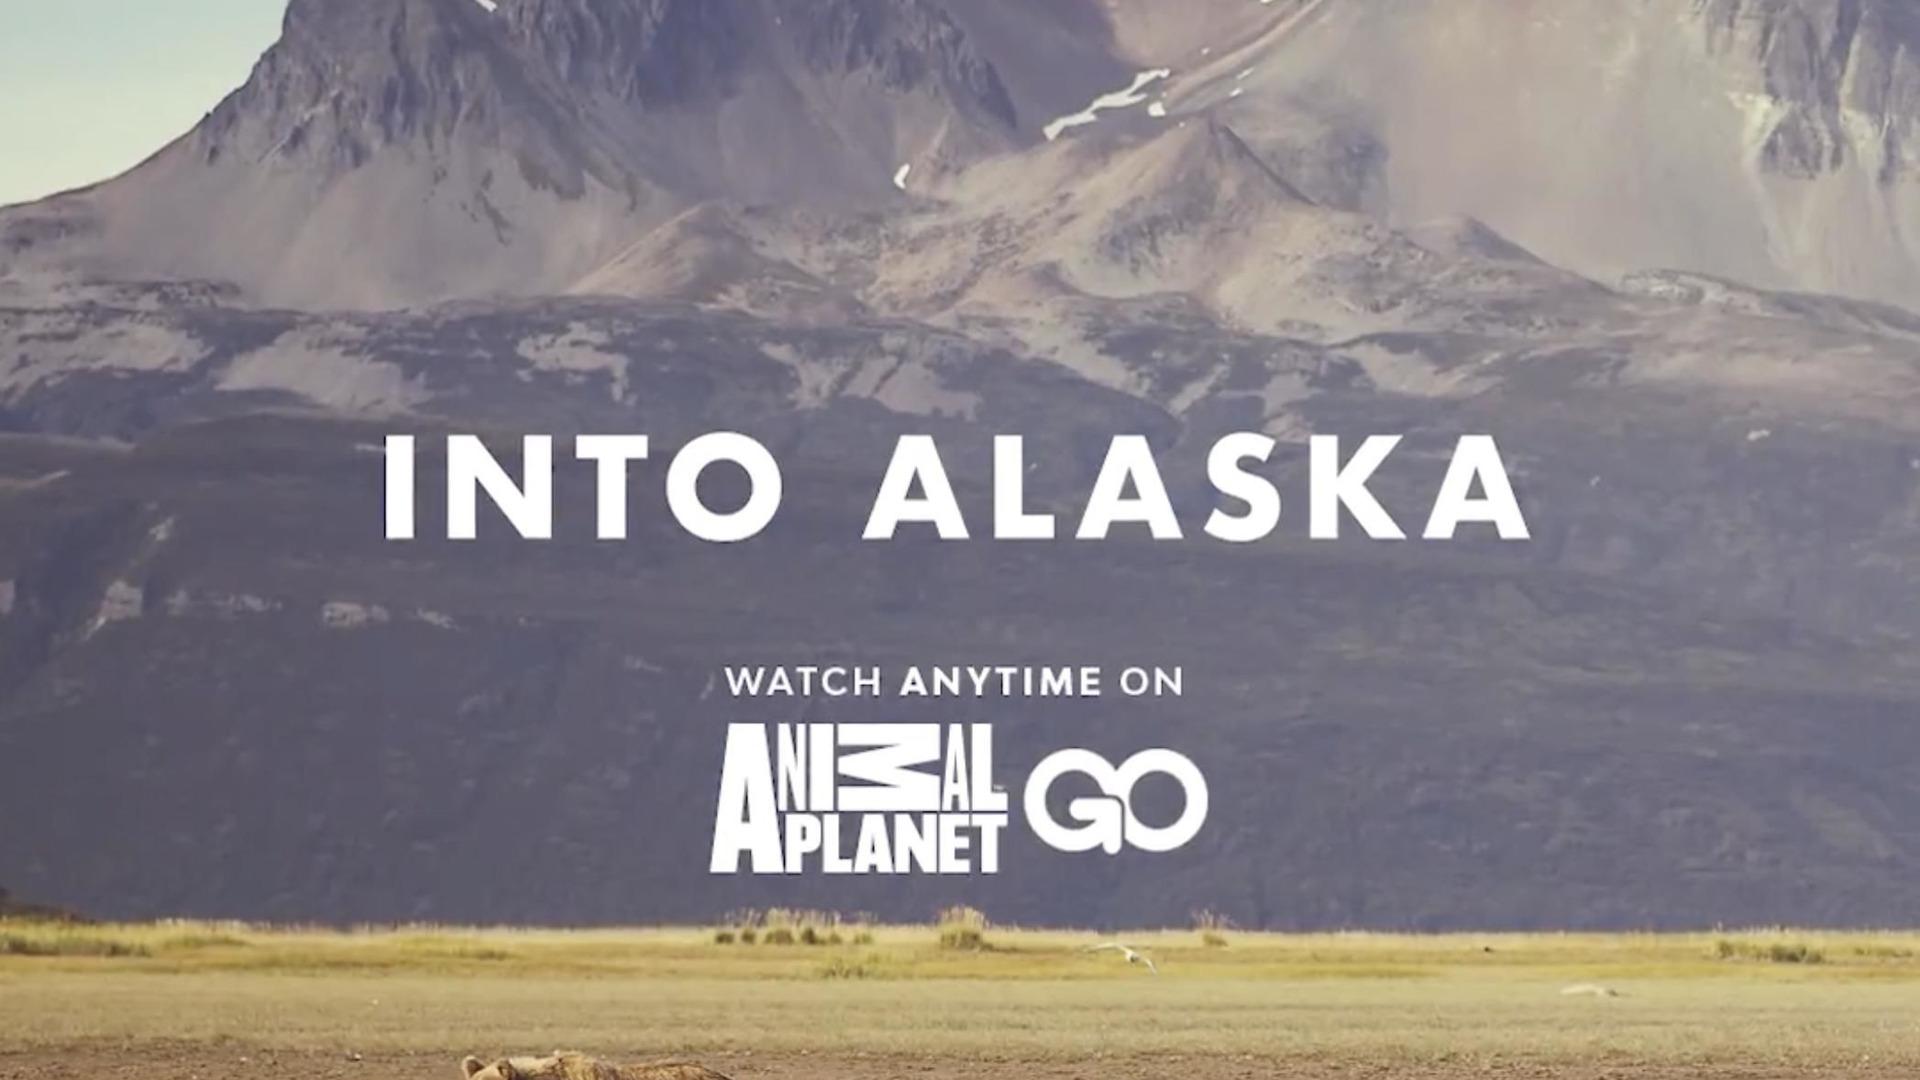 Show Into Alaska